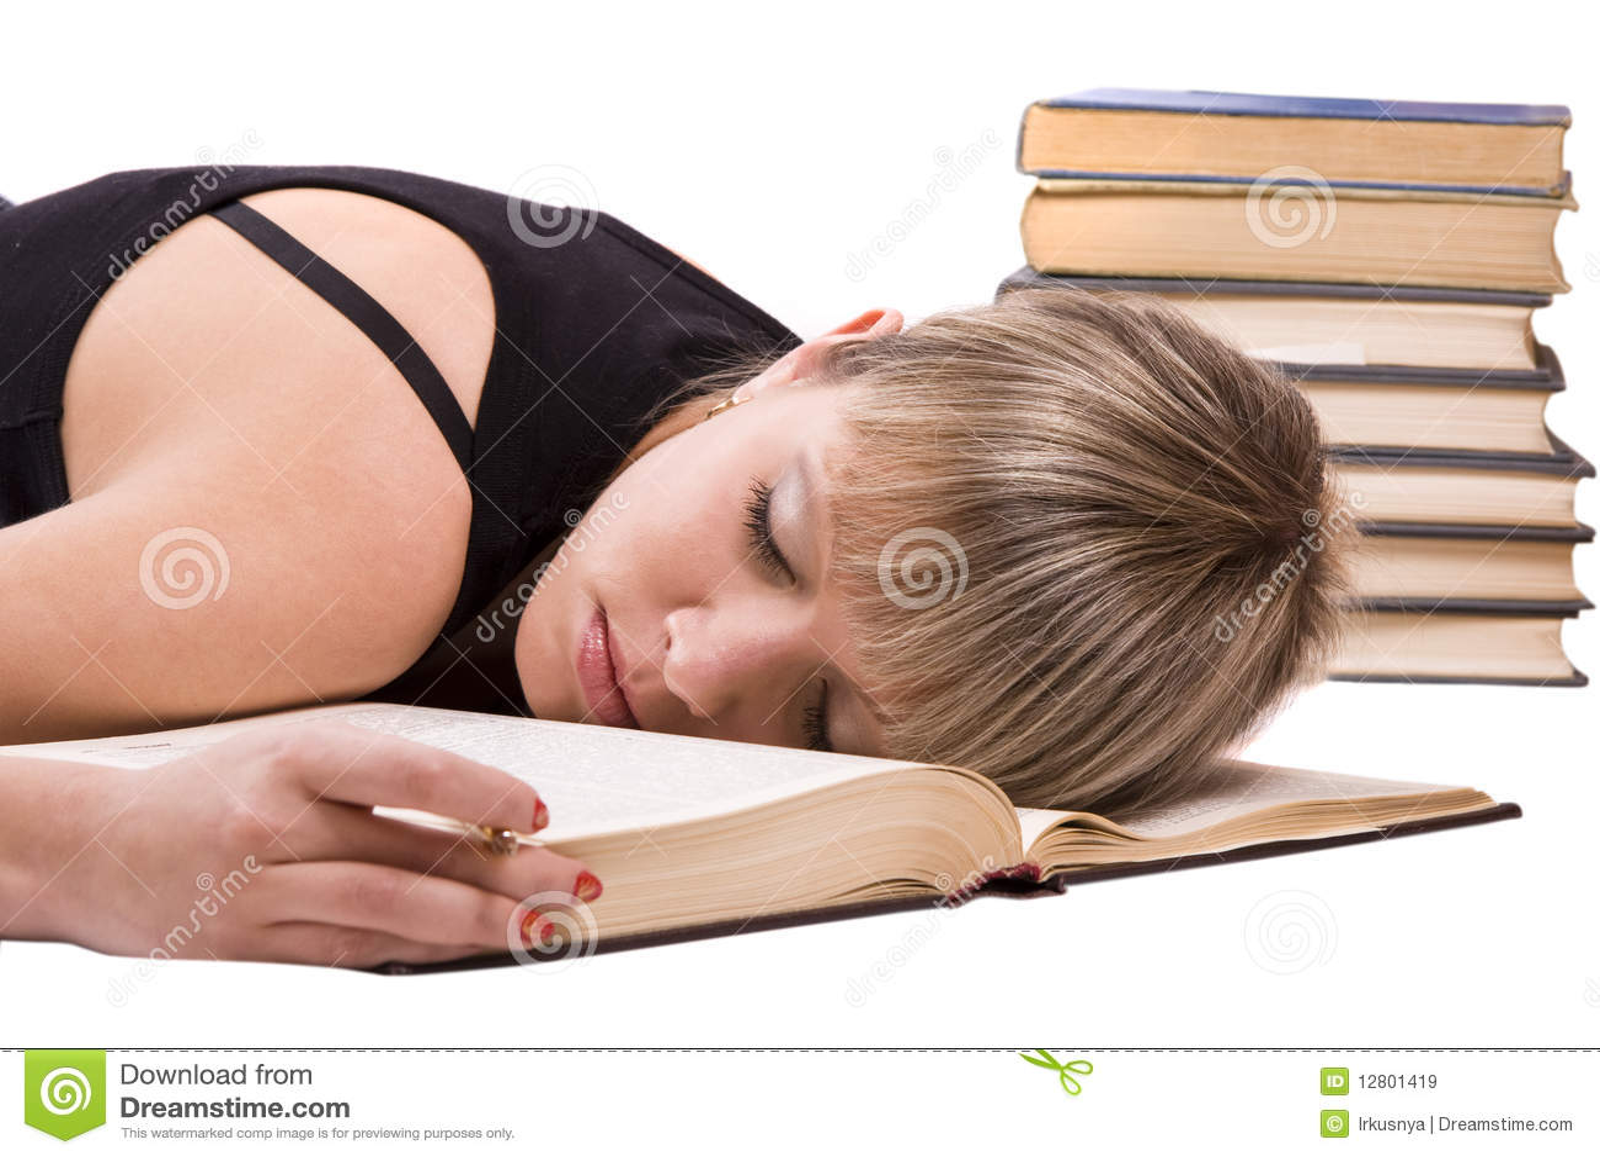 Студентка готовится к сессии 5 фотография